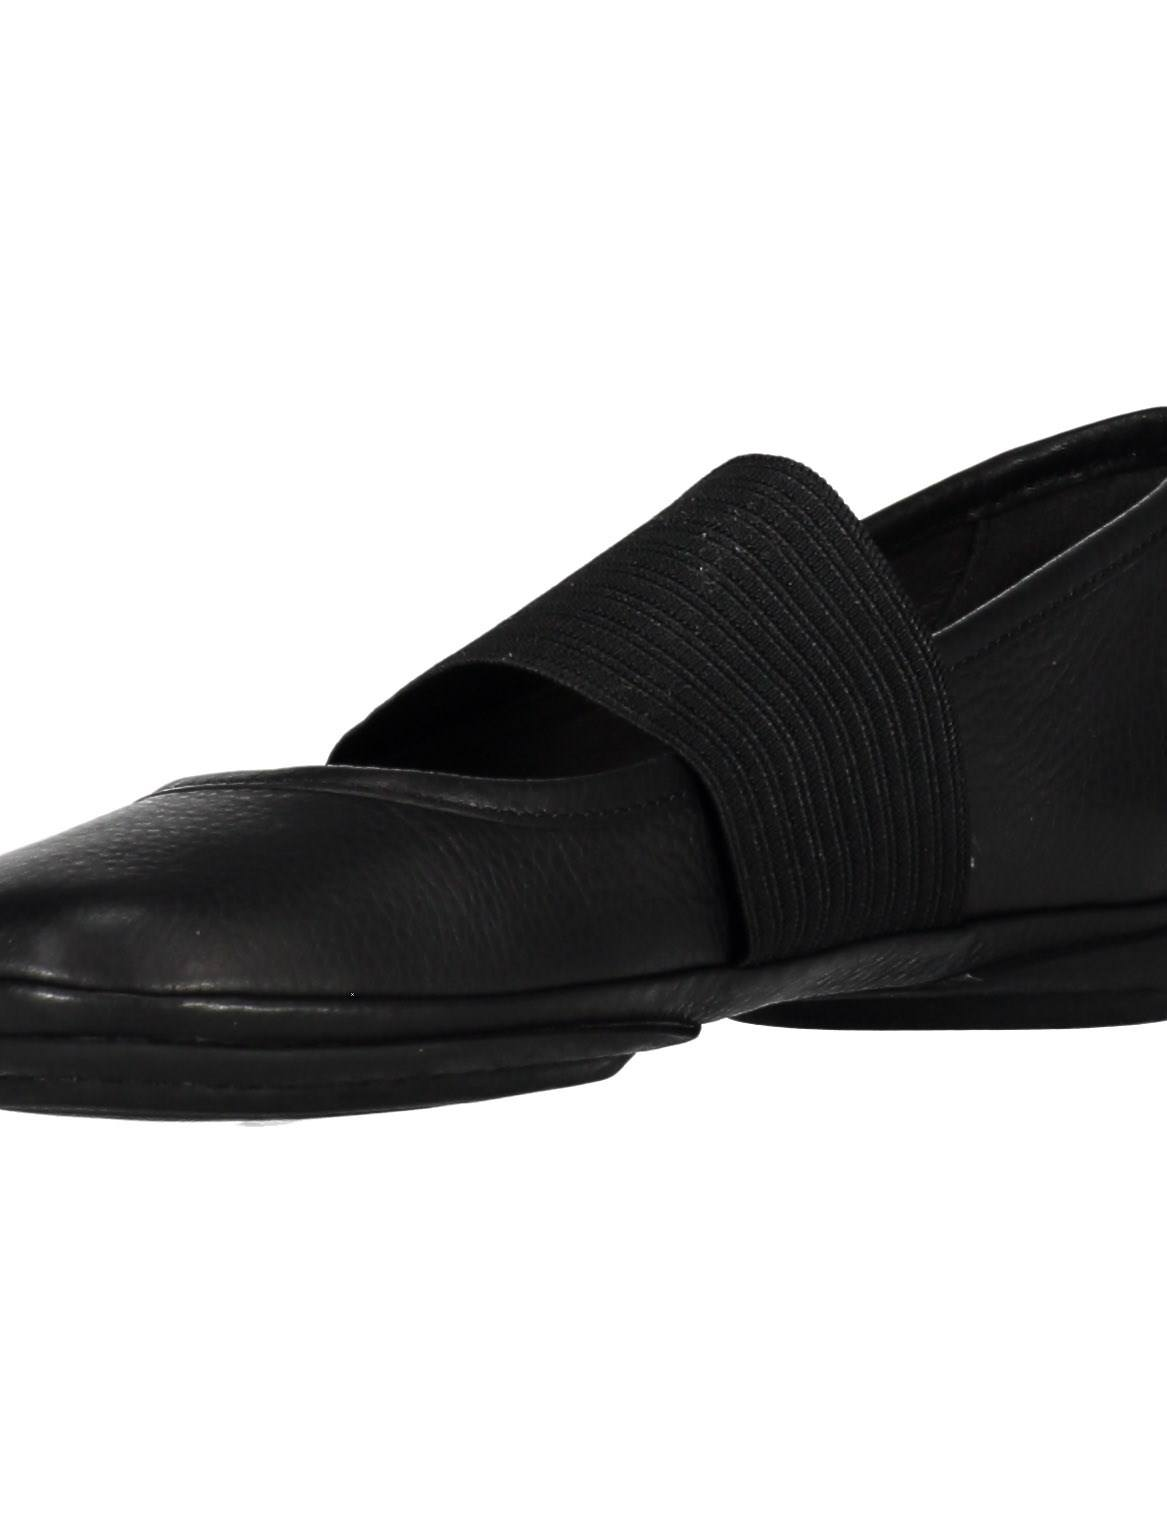 کفش تخت چرم زنانه - کمپر - مشکي - 6